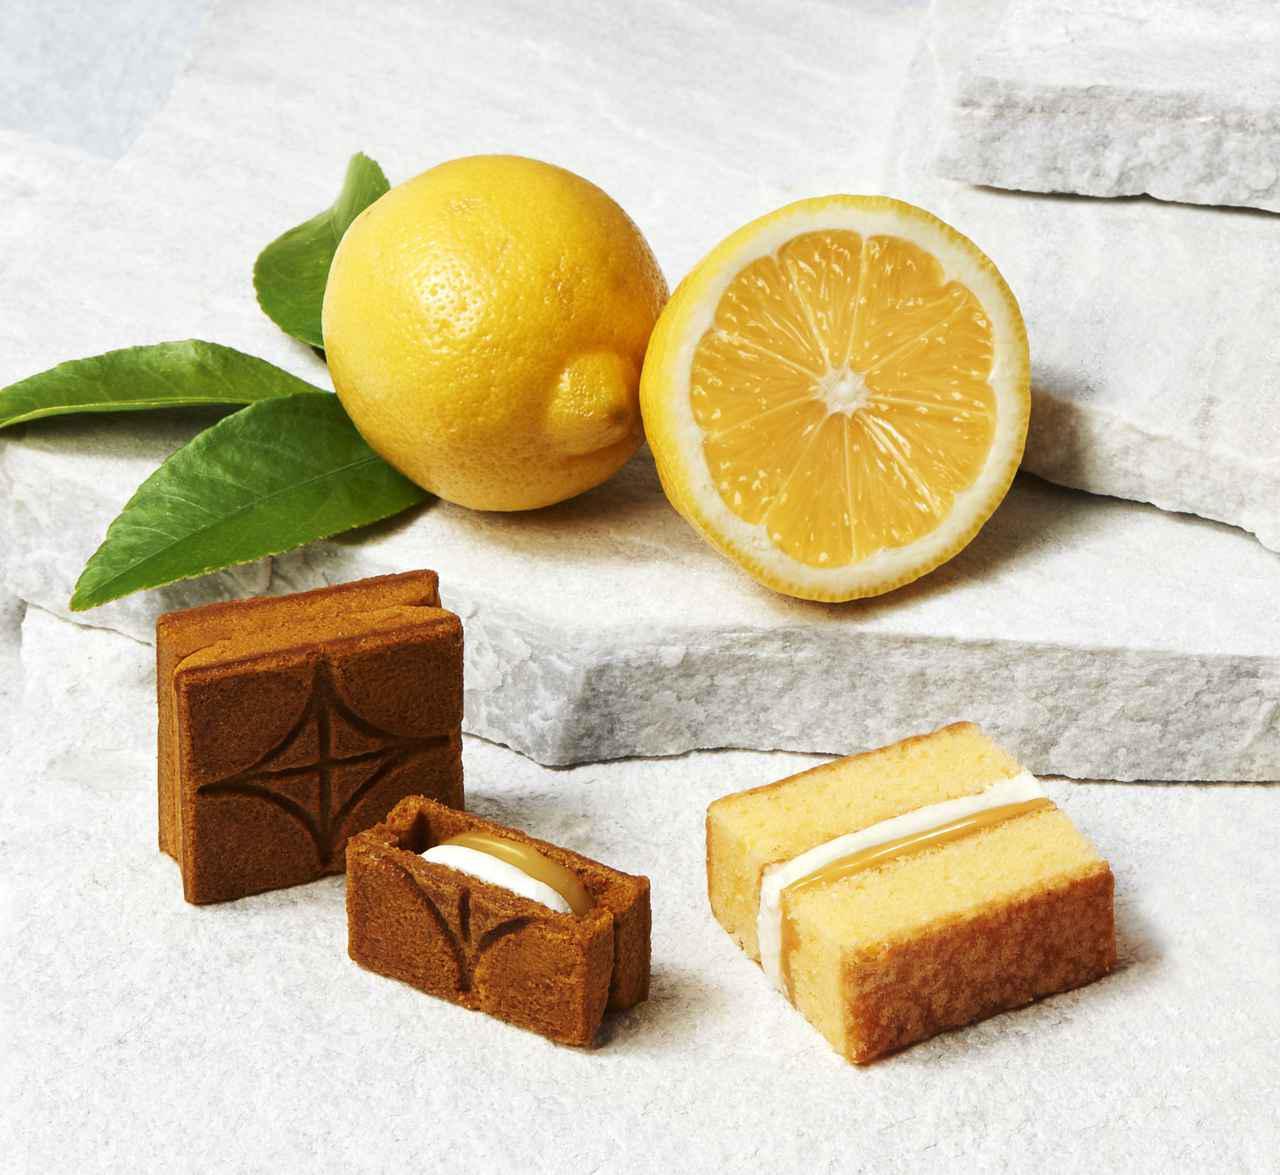 画像1: 今年の贈り物は個包装が最適。夏は柑橘系でさっぱりしたものを